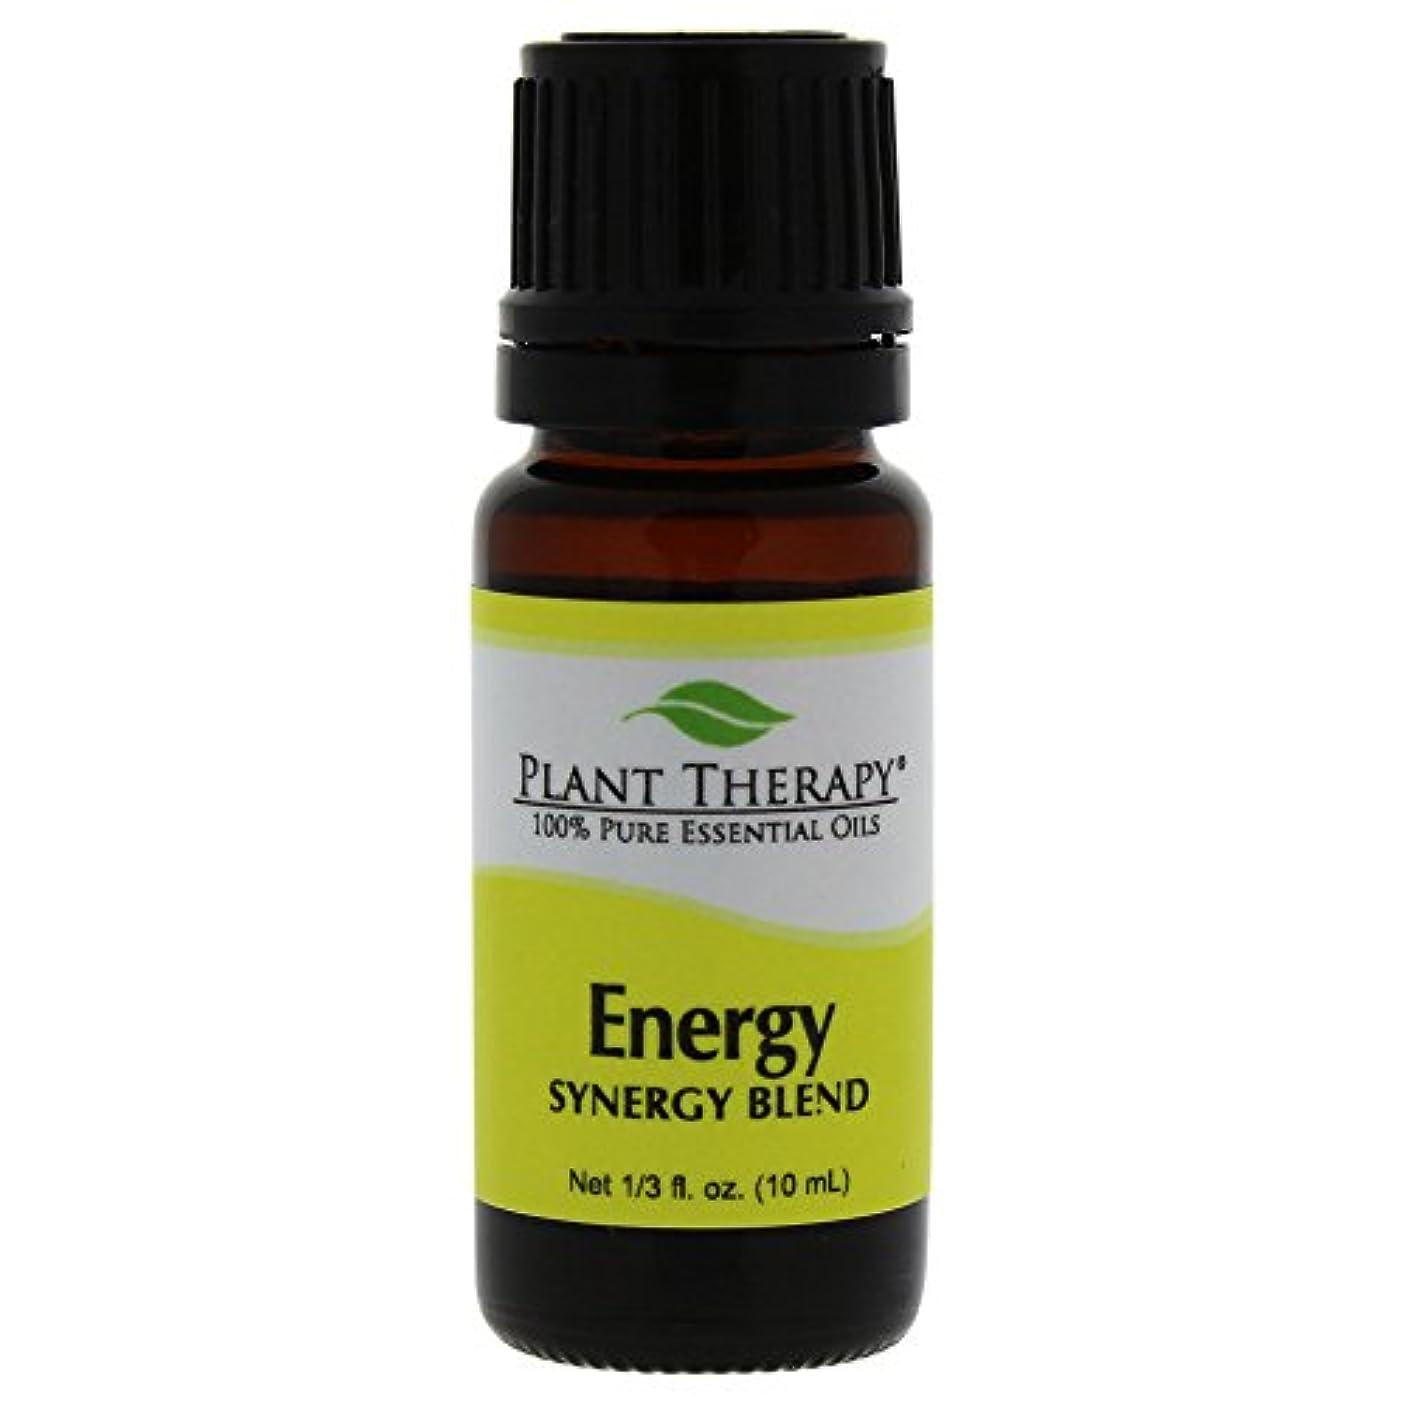 クラシック病弱ロータリーPlant Therapy Essential Oils (プラントセラピー エッセンシャルオイル) エネルギー シネジー エッセンシャルオイル ブレンド (身体的エネルギー)10 ml